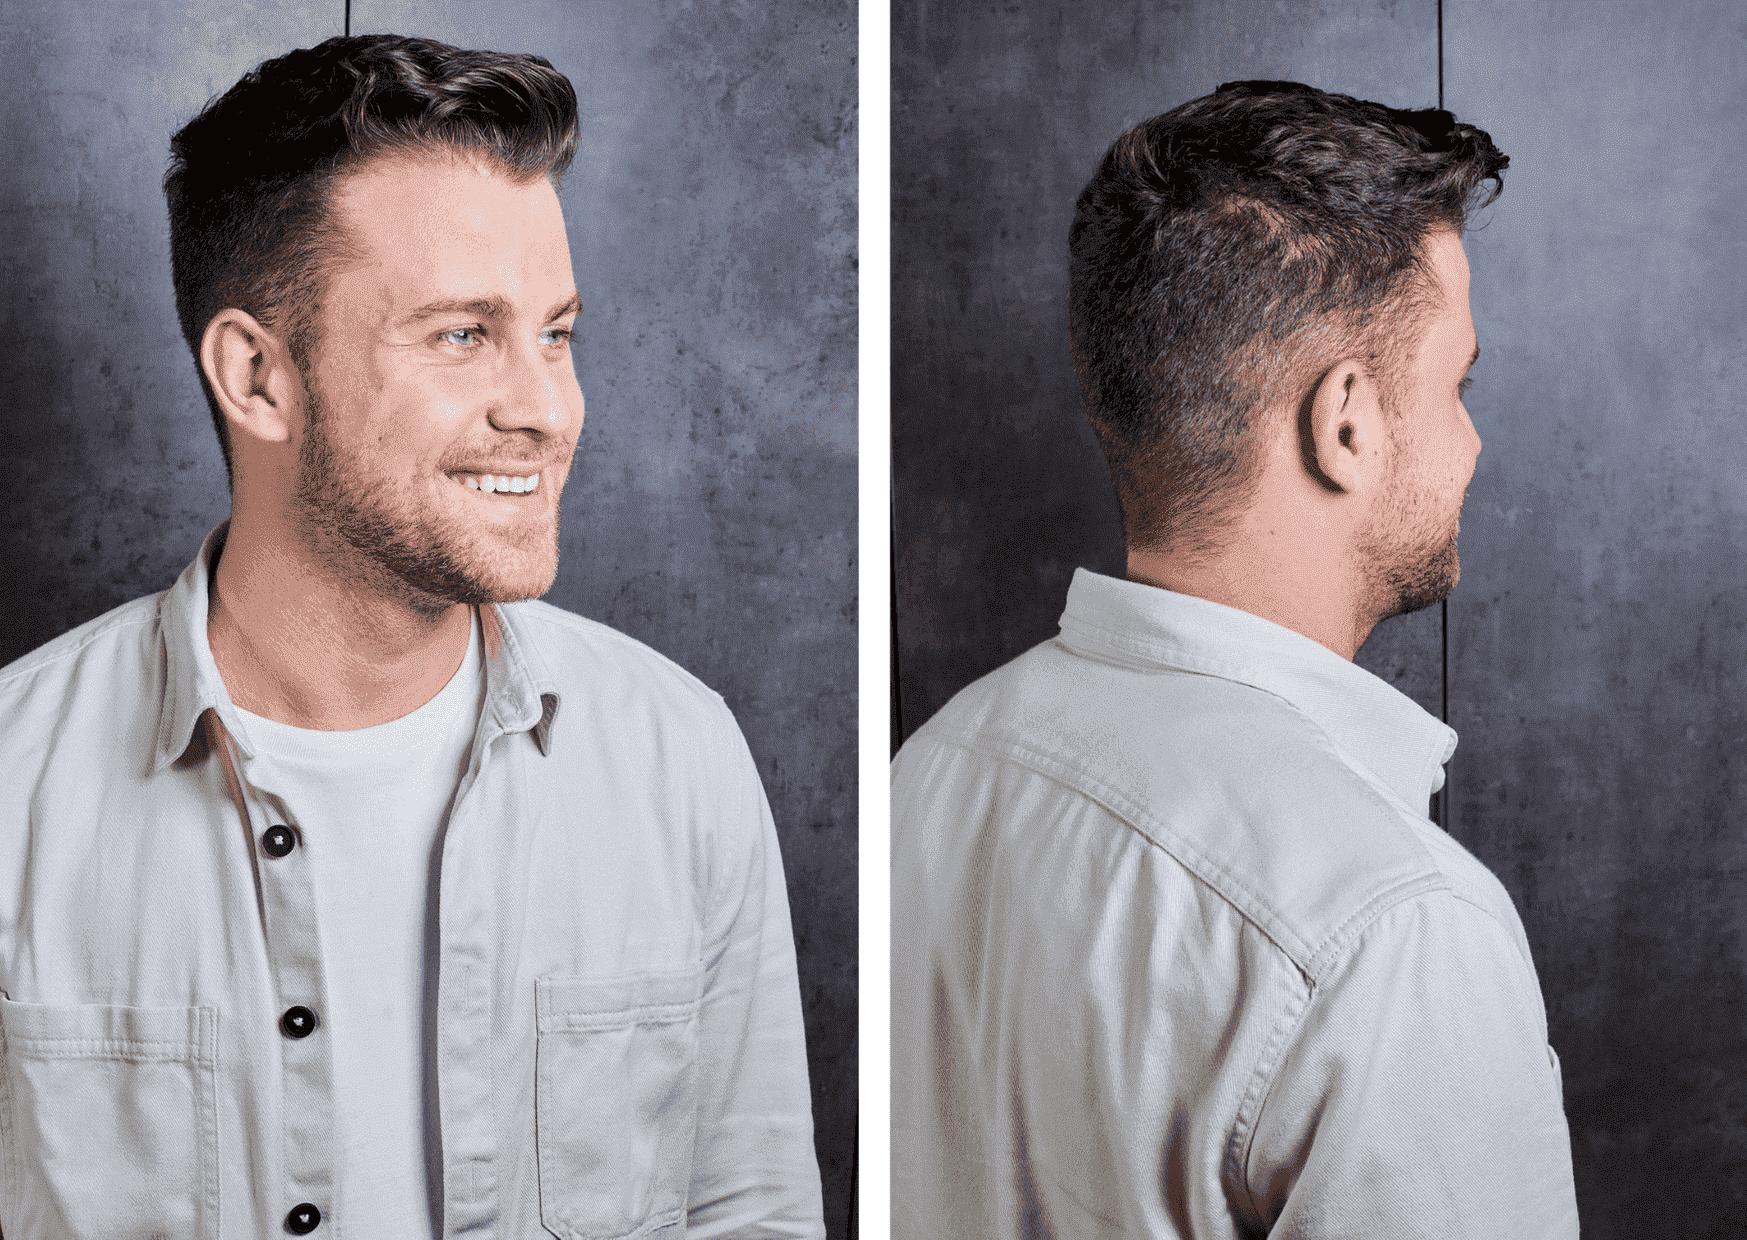 resultado peinado corte hombre